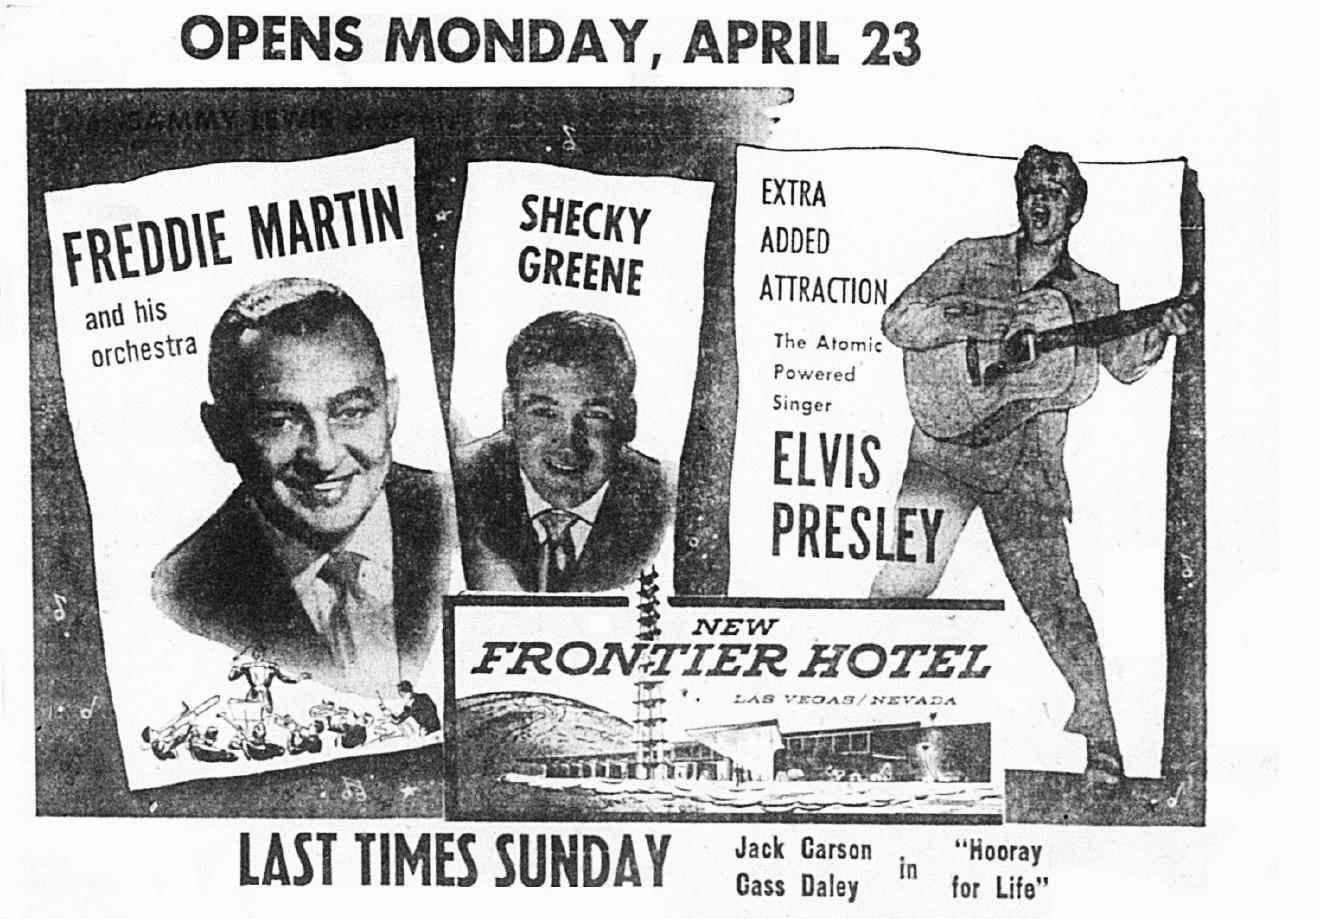 Elvis Presley Las Vegas 1956 New Frontier Hotel.